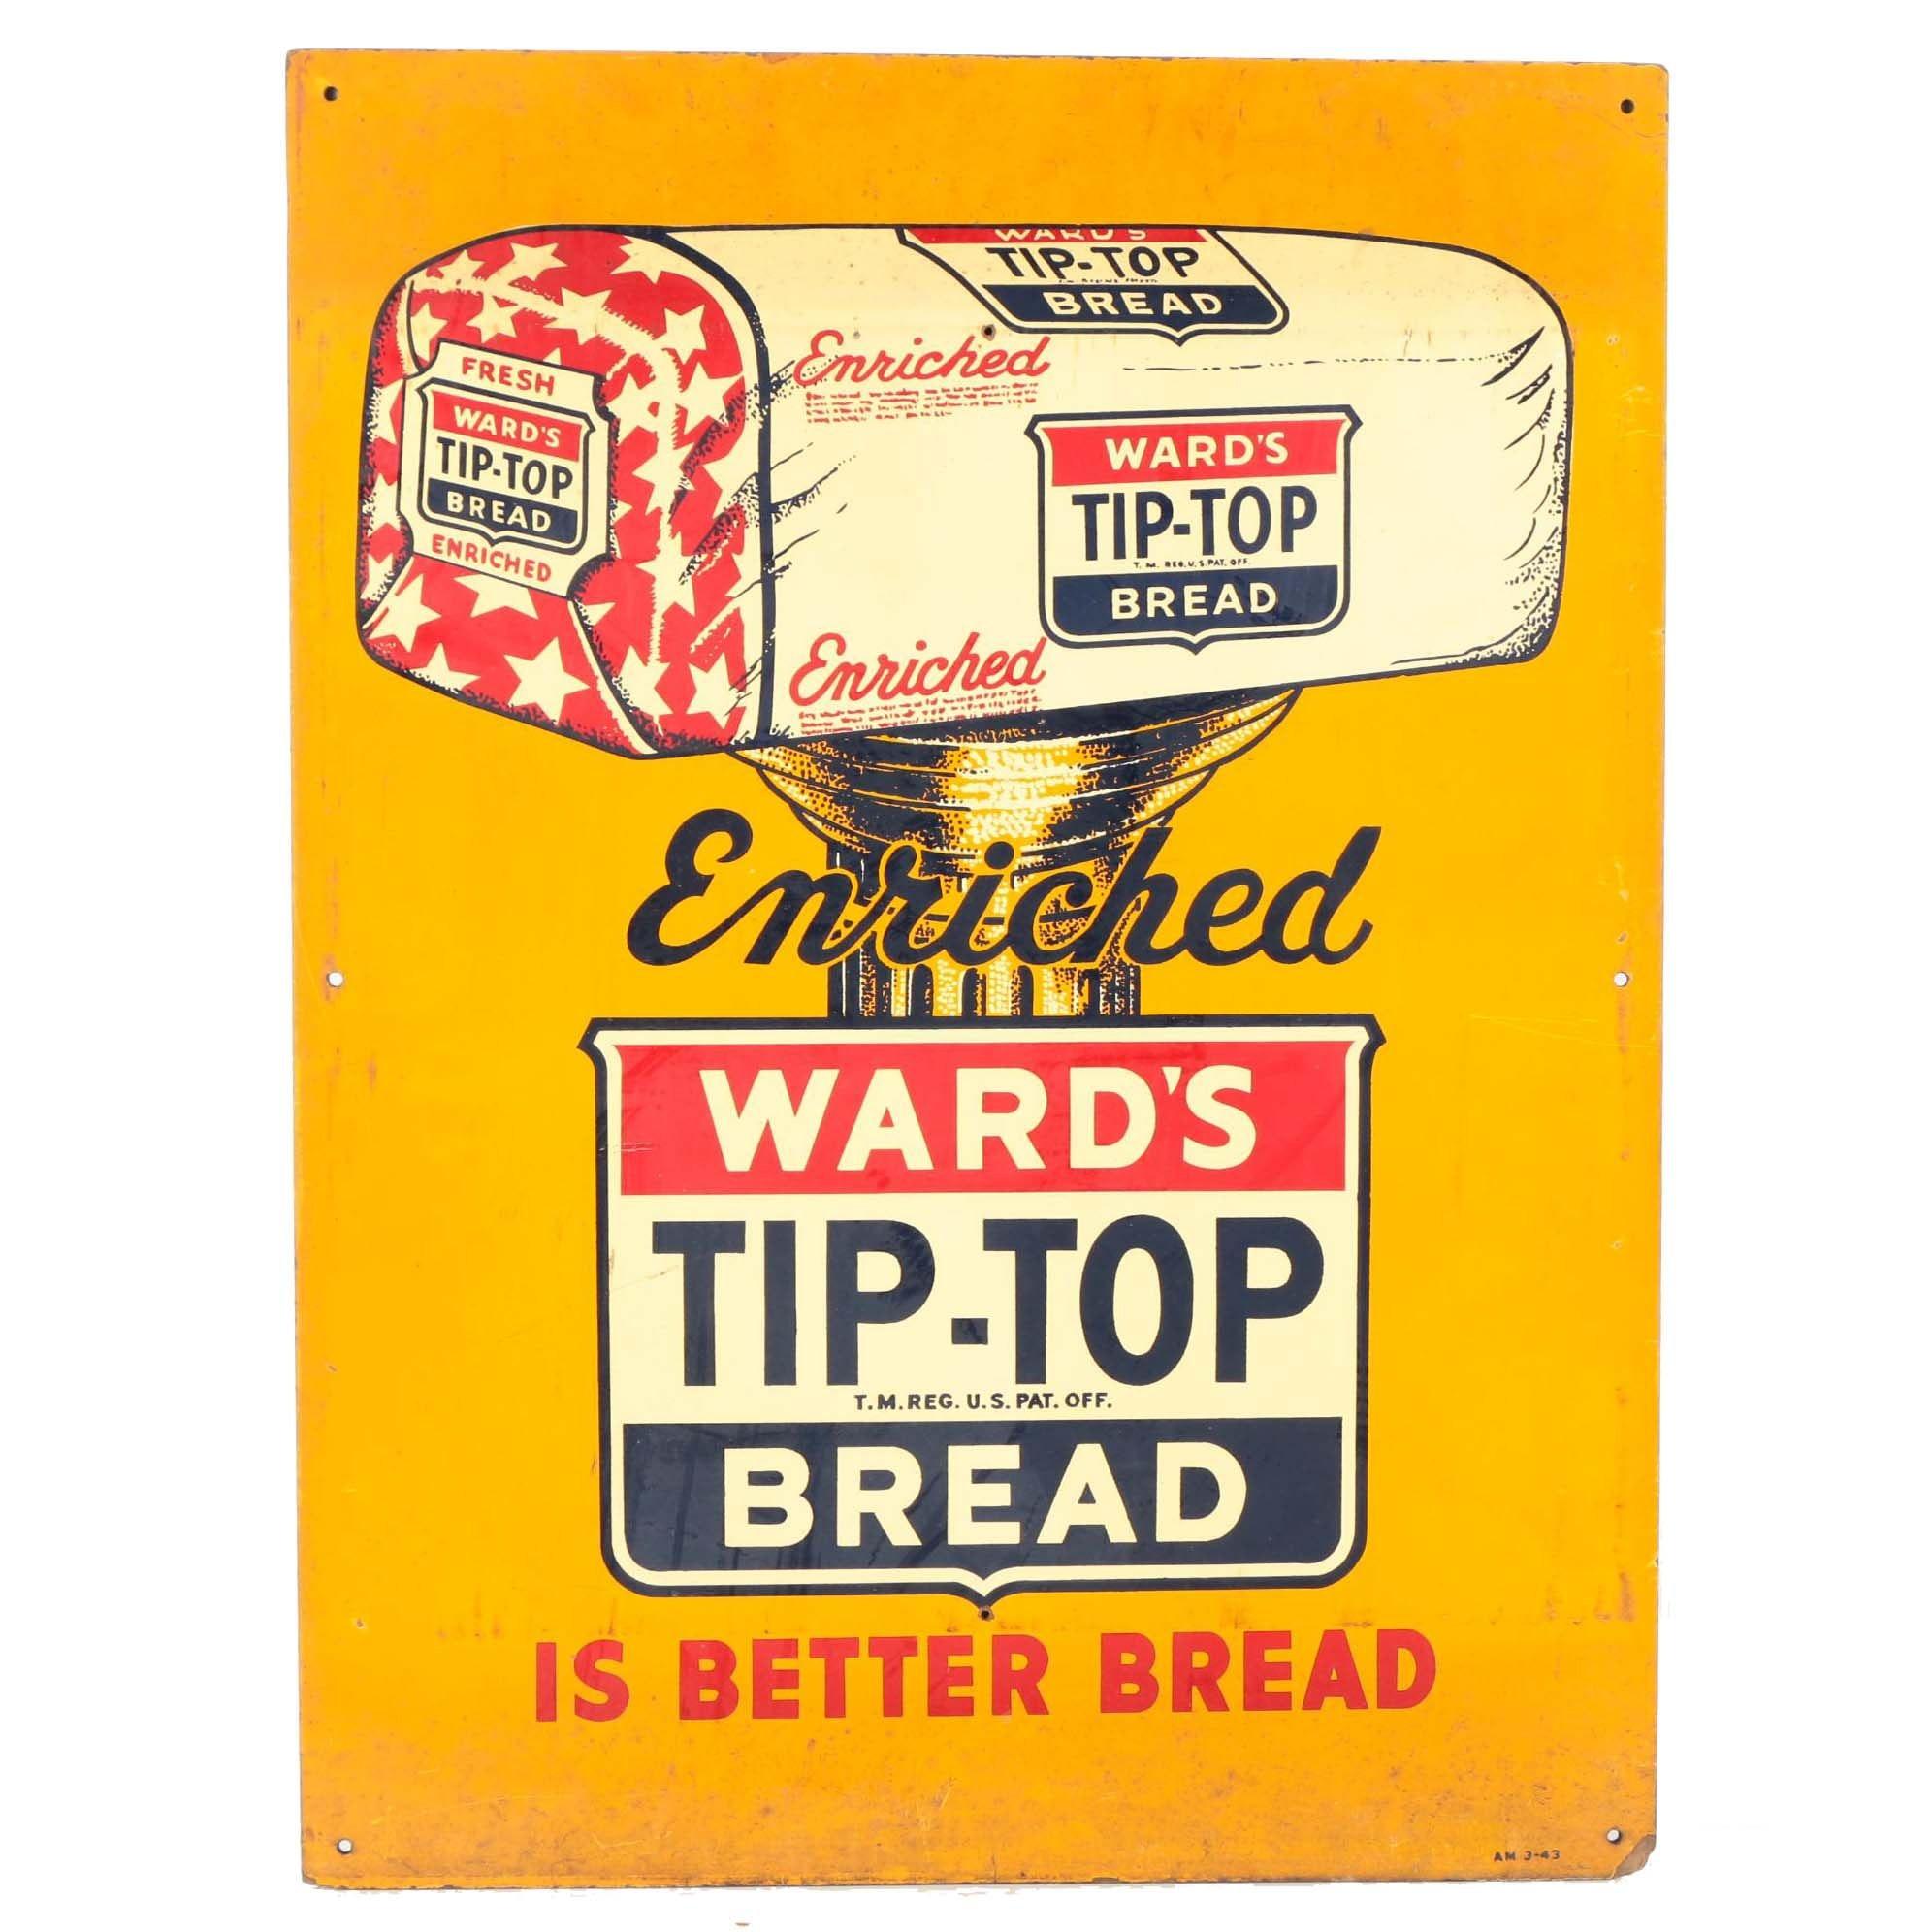 Vintage Signage for Ward's Tip-Top Bread